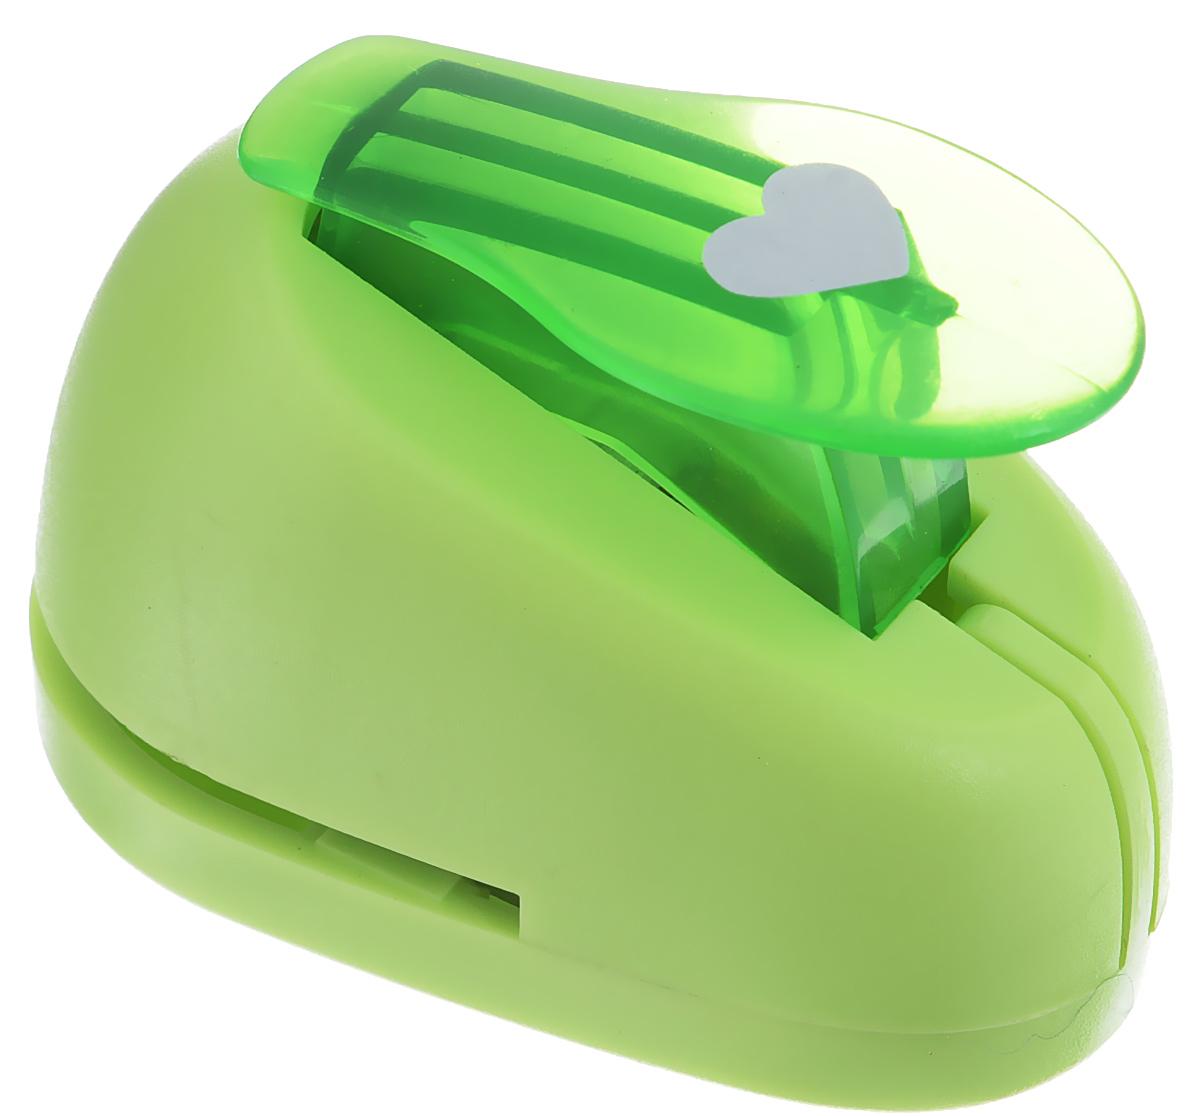 Дырокол фигурный Hobbyboom Сердце, №23, цвет: зеленый, 1 х 0,8 смCD-99XS-023_зеленыйФигурный дырокол Hobbyboom Сердце предназначен для создания творческих работ в технике скрапбукинг. С его помощью можно оригинально оформить открытки, украсить подарочные коробки, конверты, фотоальбомы. Дырокол вырезает из бумаги идеально ровные фигурки в виде сердец, также используется для прорезания фигурных отверстий в бумаге. Предназначен для бумаги определенной плотности - до 200 г/м2. При применении на бумаге большей плотности или на картоне дырокол быстро затупится. Чтобы заточить нож компостера, нужно прокомпостировать самую тонкую наждачку. Чтобы смазать режущий механизм - парафинированную бумагу. Порядок работы: вставьте лист бумаги или картона в дырокол и надавите рычаг. Размер вырезаемой части: 1 см х 0,8 см.